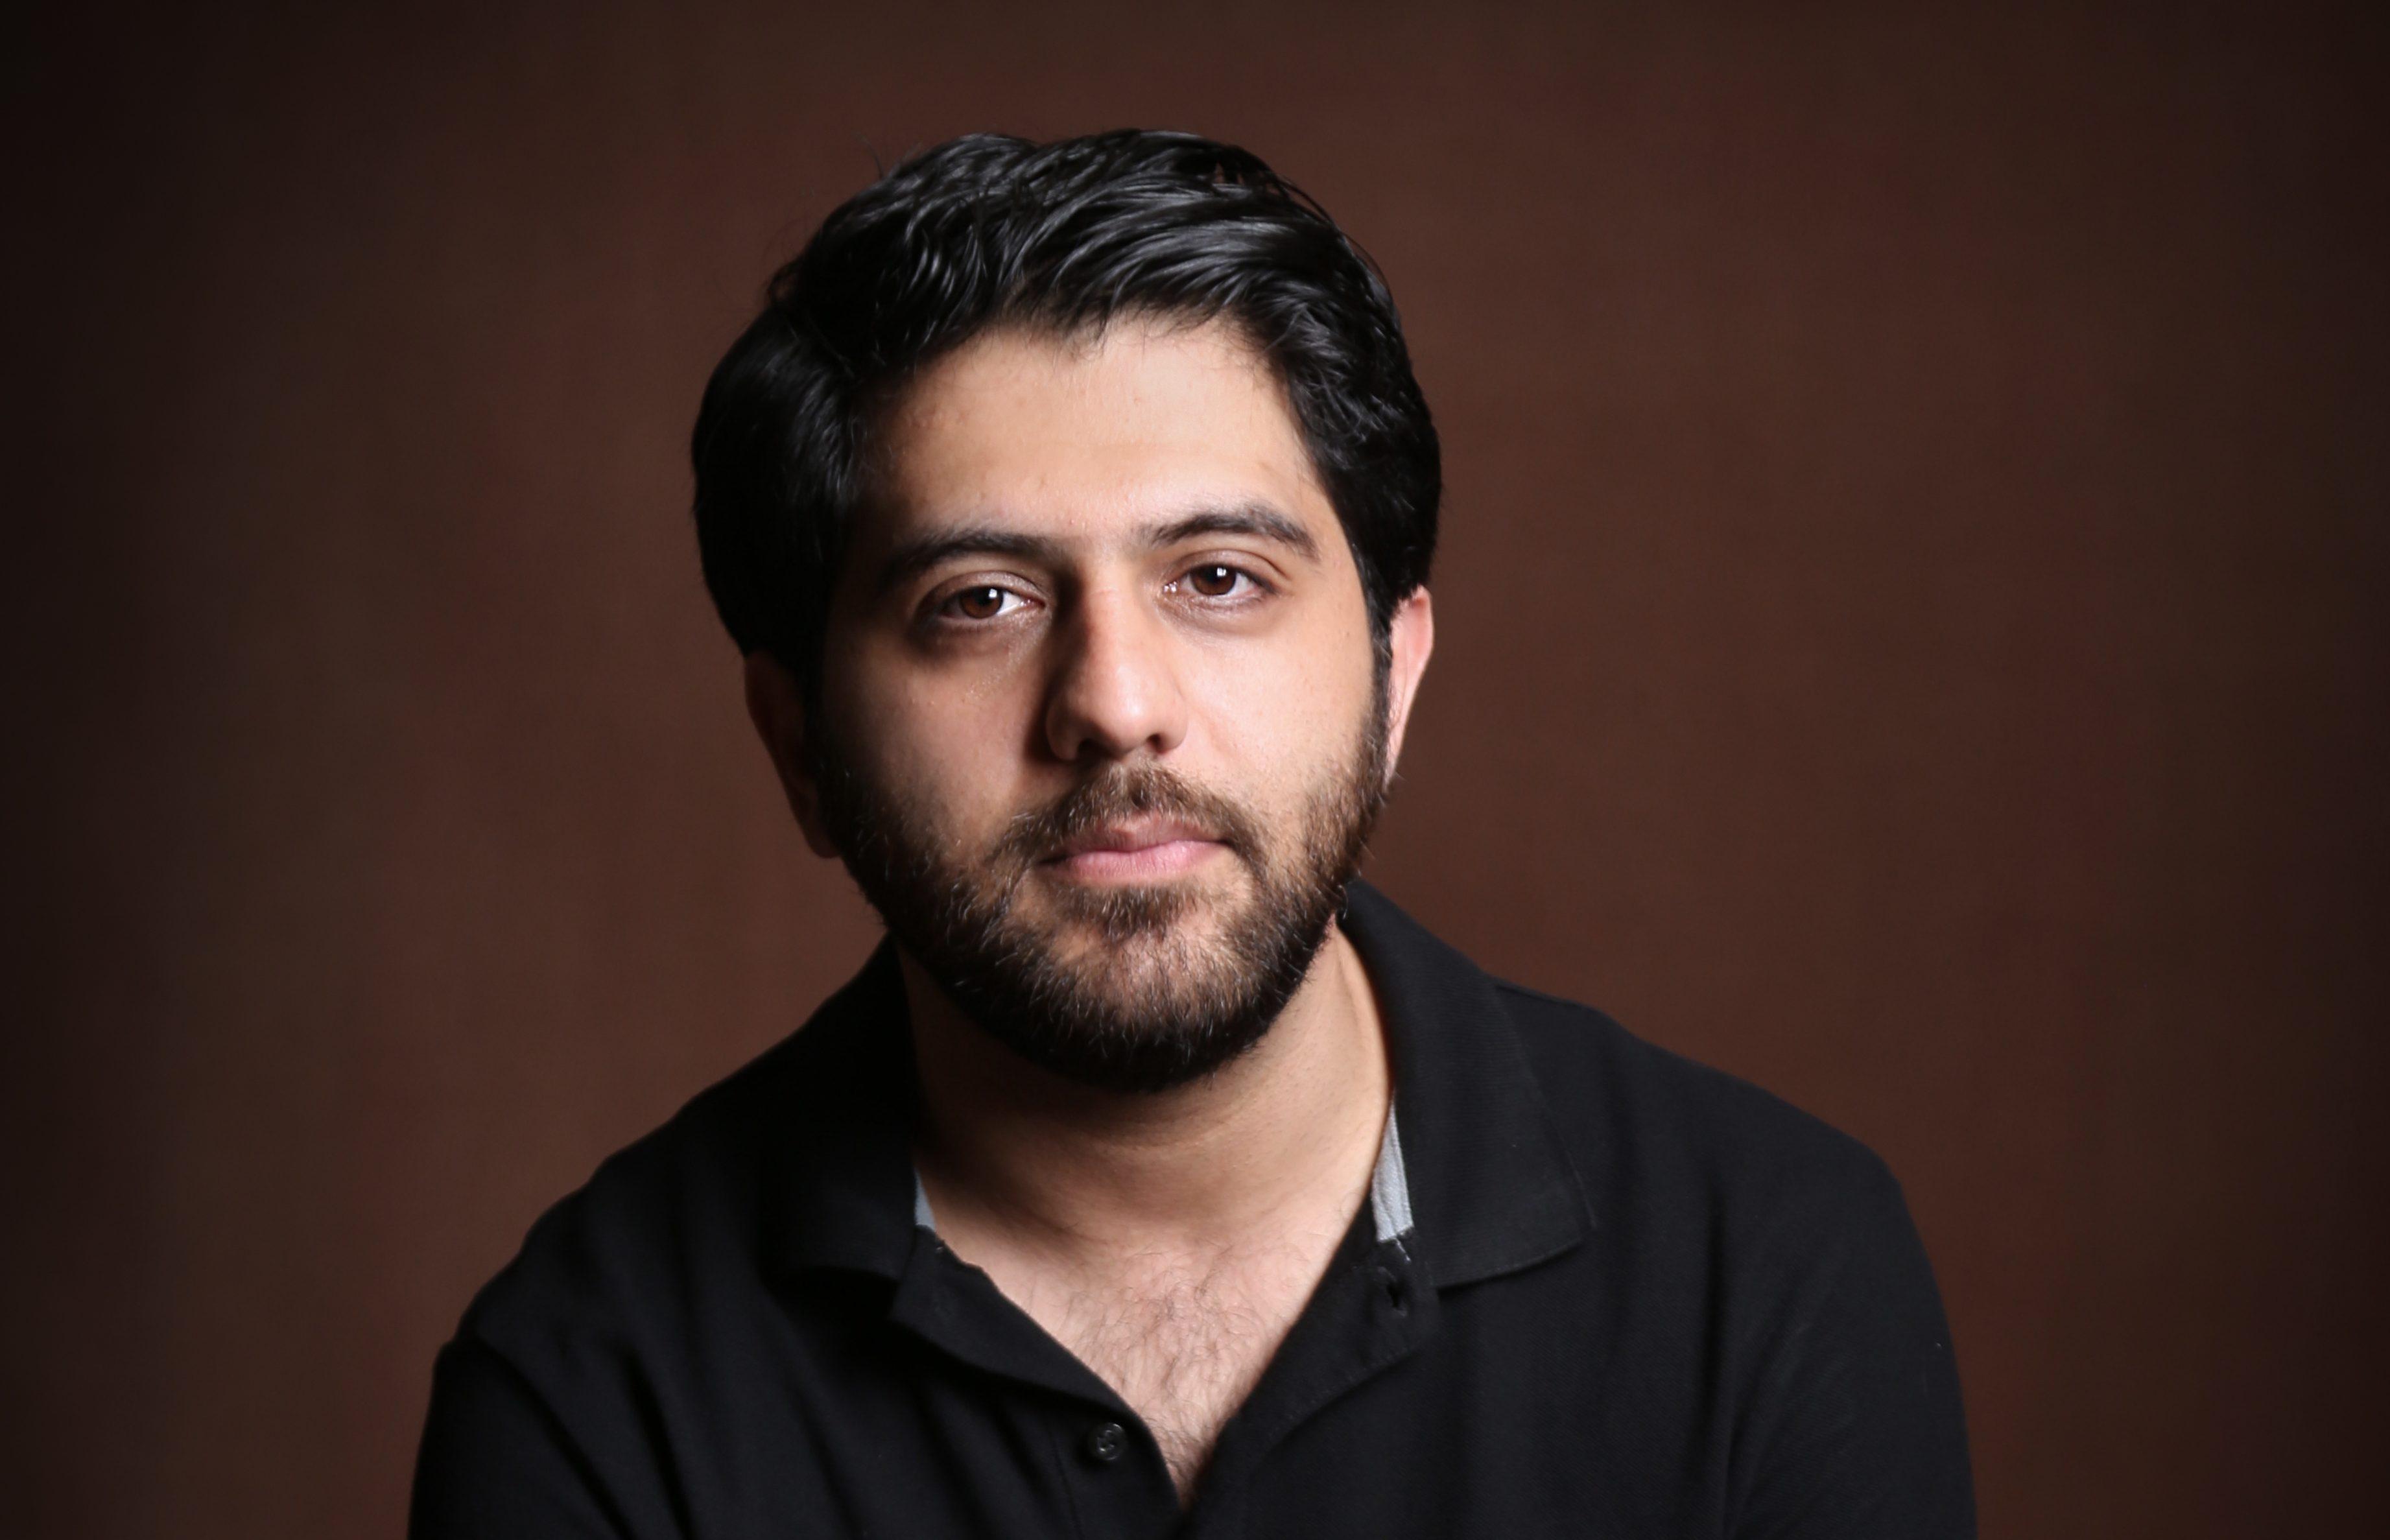 اشکان کمانگری در گفتگو با موسیقی ایرانیان: موسیقی ما به خانه تکانی احتیاج دارد